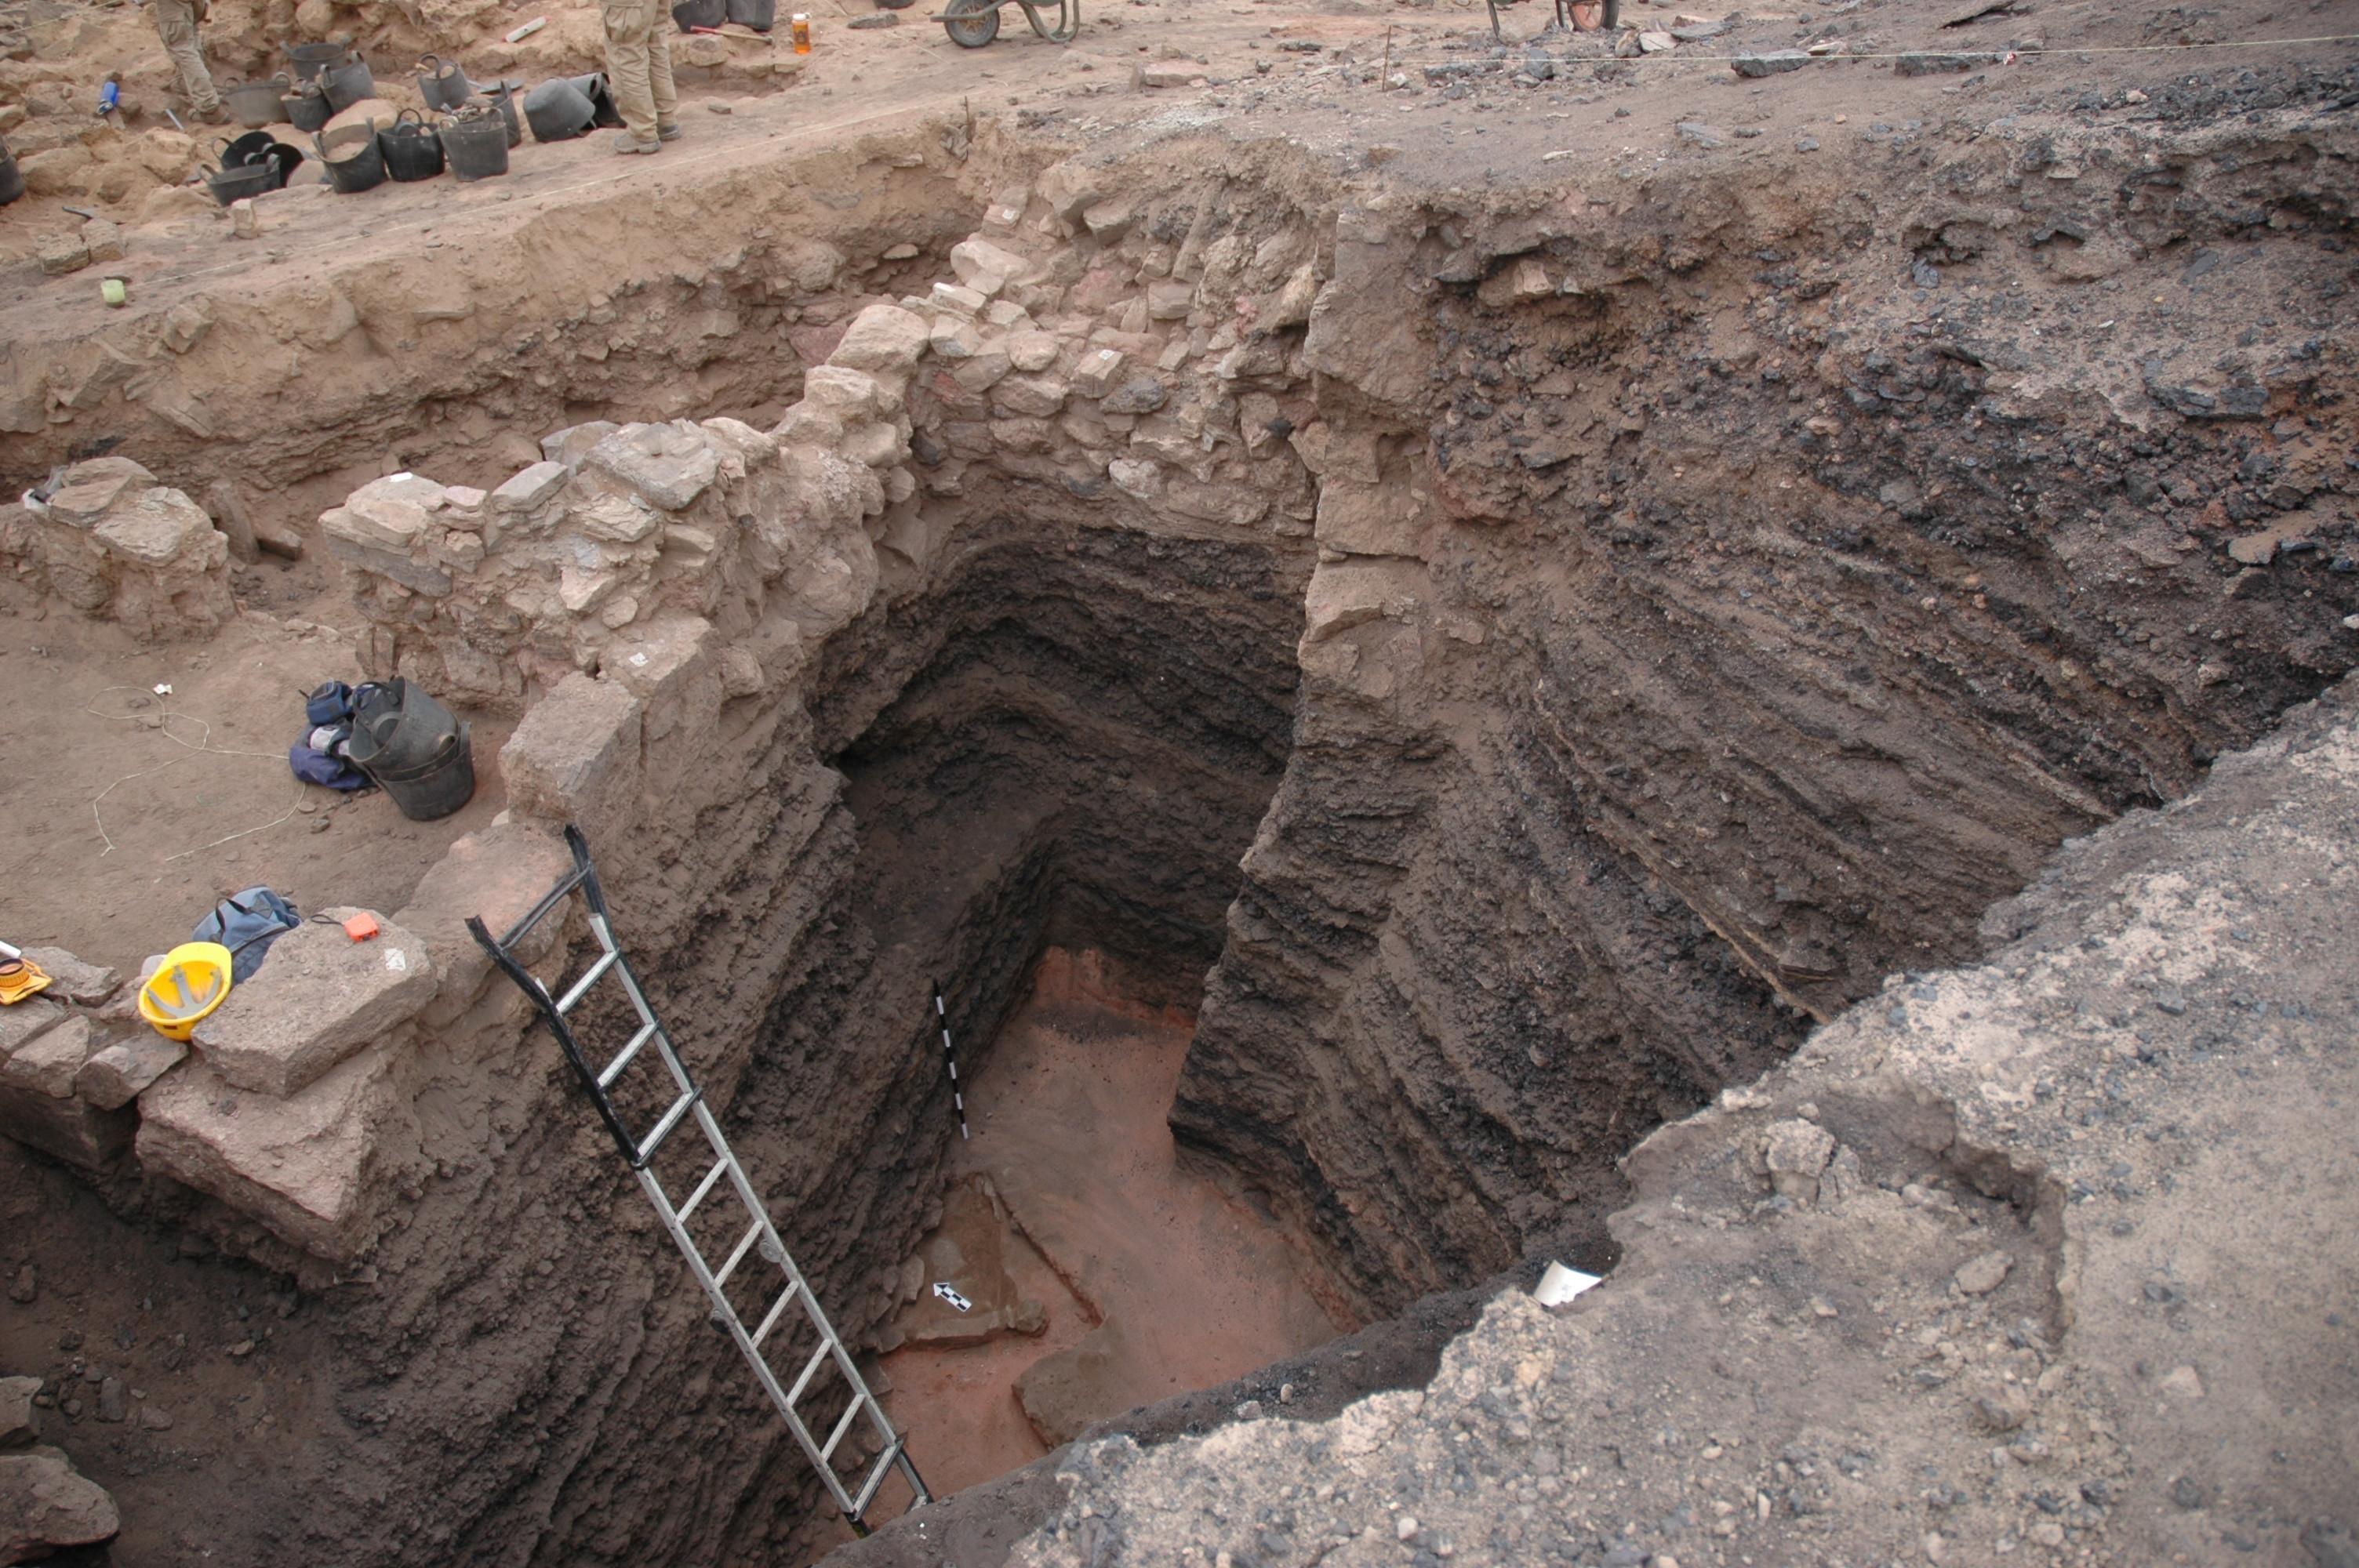 上图:2006年,加州大学圣地亚哥分校的Thomas Levy所领导的一个国际考古学家团队在约旦的Khirbat en-Nahas挖掘出来的工业铜渣土墩。它上面的建筑物和层数可以追溯到主前9世纪中期,而建筑物下埋放的超过20英尺的矿渣是主前10世纪的。这些文物证明,这里在主前10世纪是一个大型铜生产基地,与大卫和所罗门的统治时期一致。Khirbat en-Nahas位于死海以南的荒凉干旱地区的低地,这里过去属于以东。